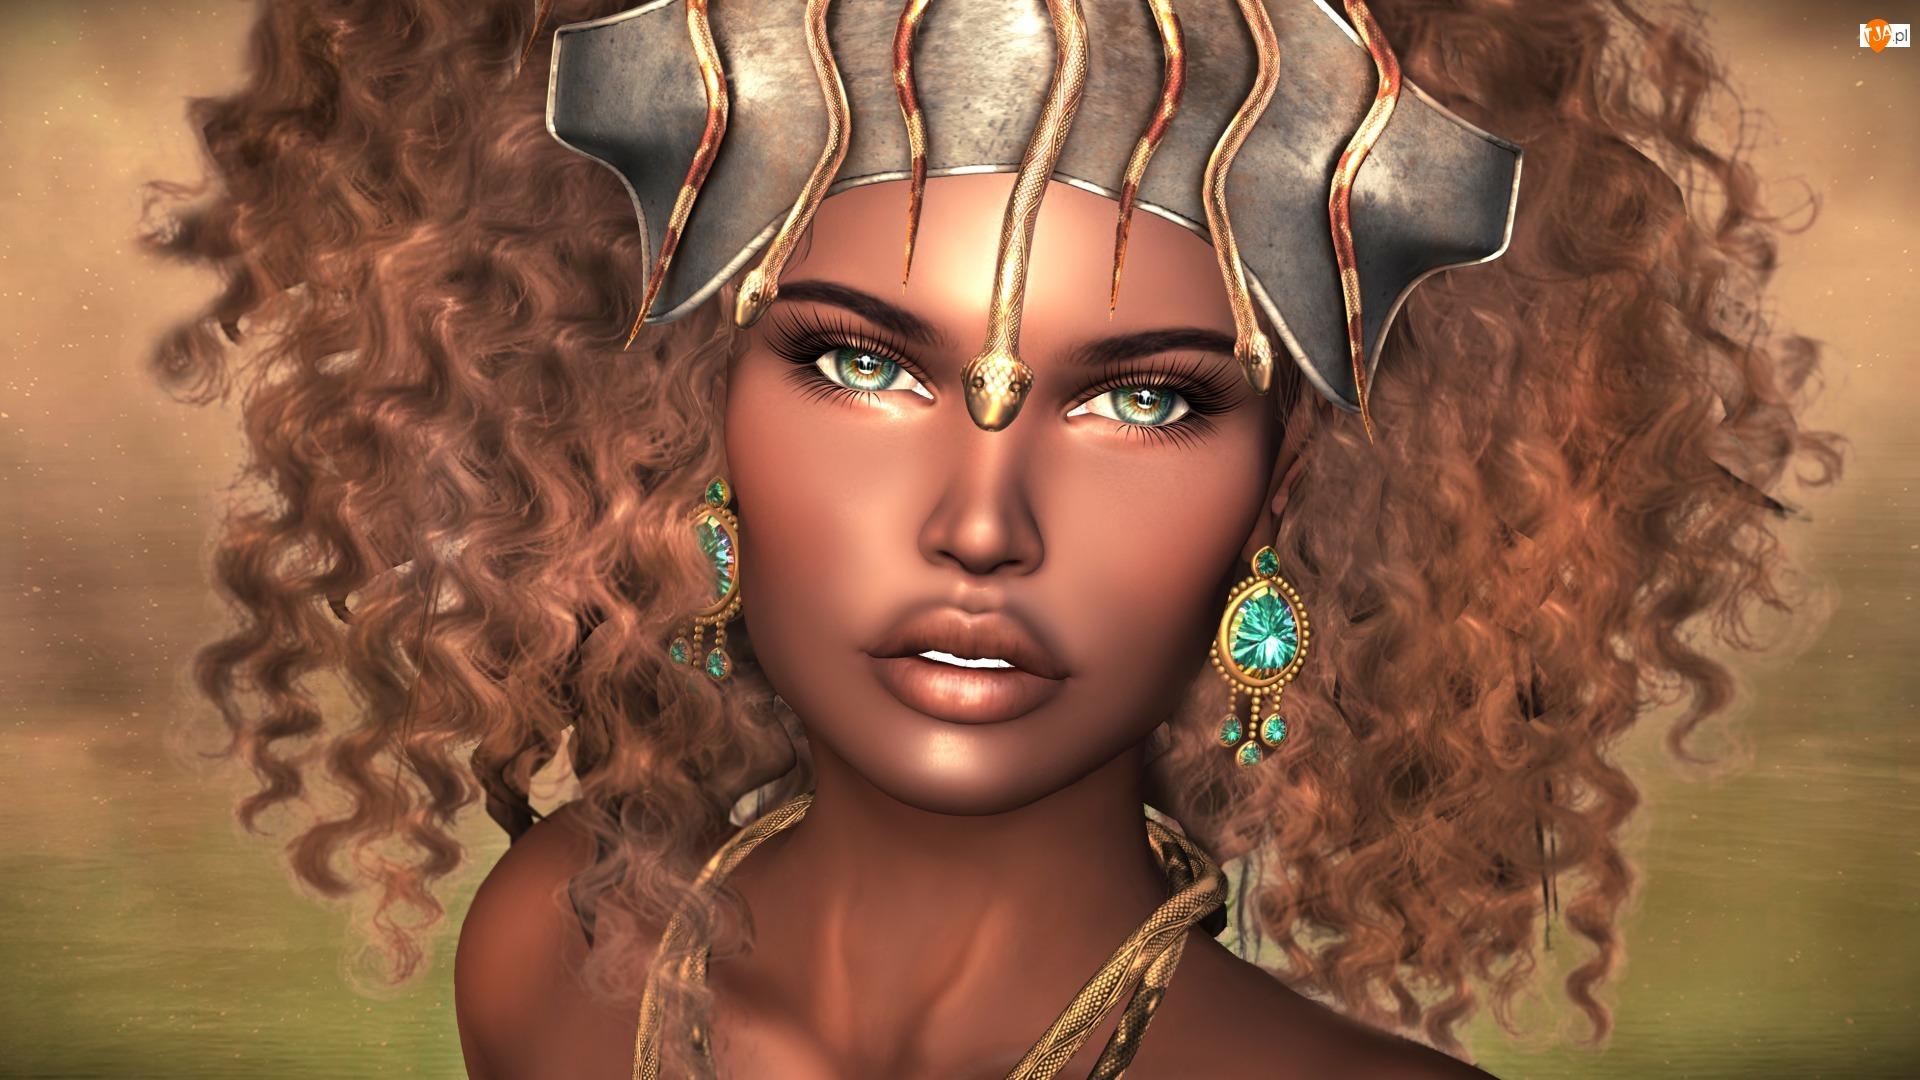 Włosy, Zielone, Mulatka, Biżuteria, Kobieta, Grafika 2D, Kręcone, Oczy